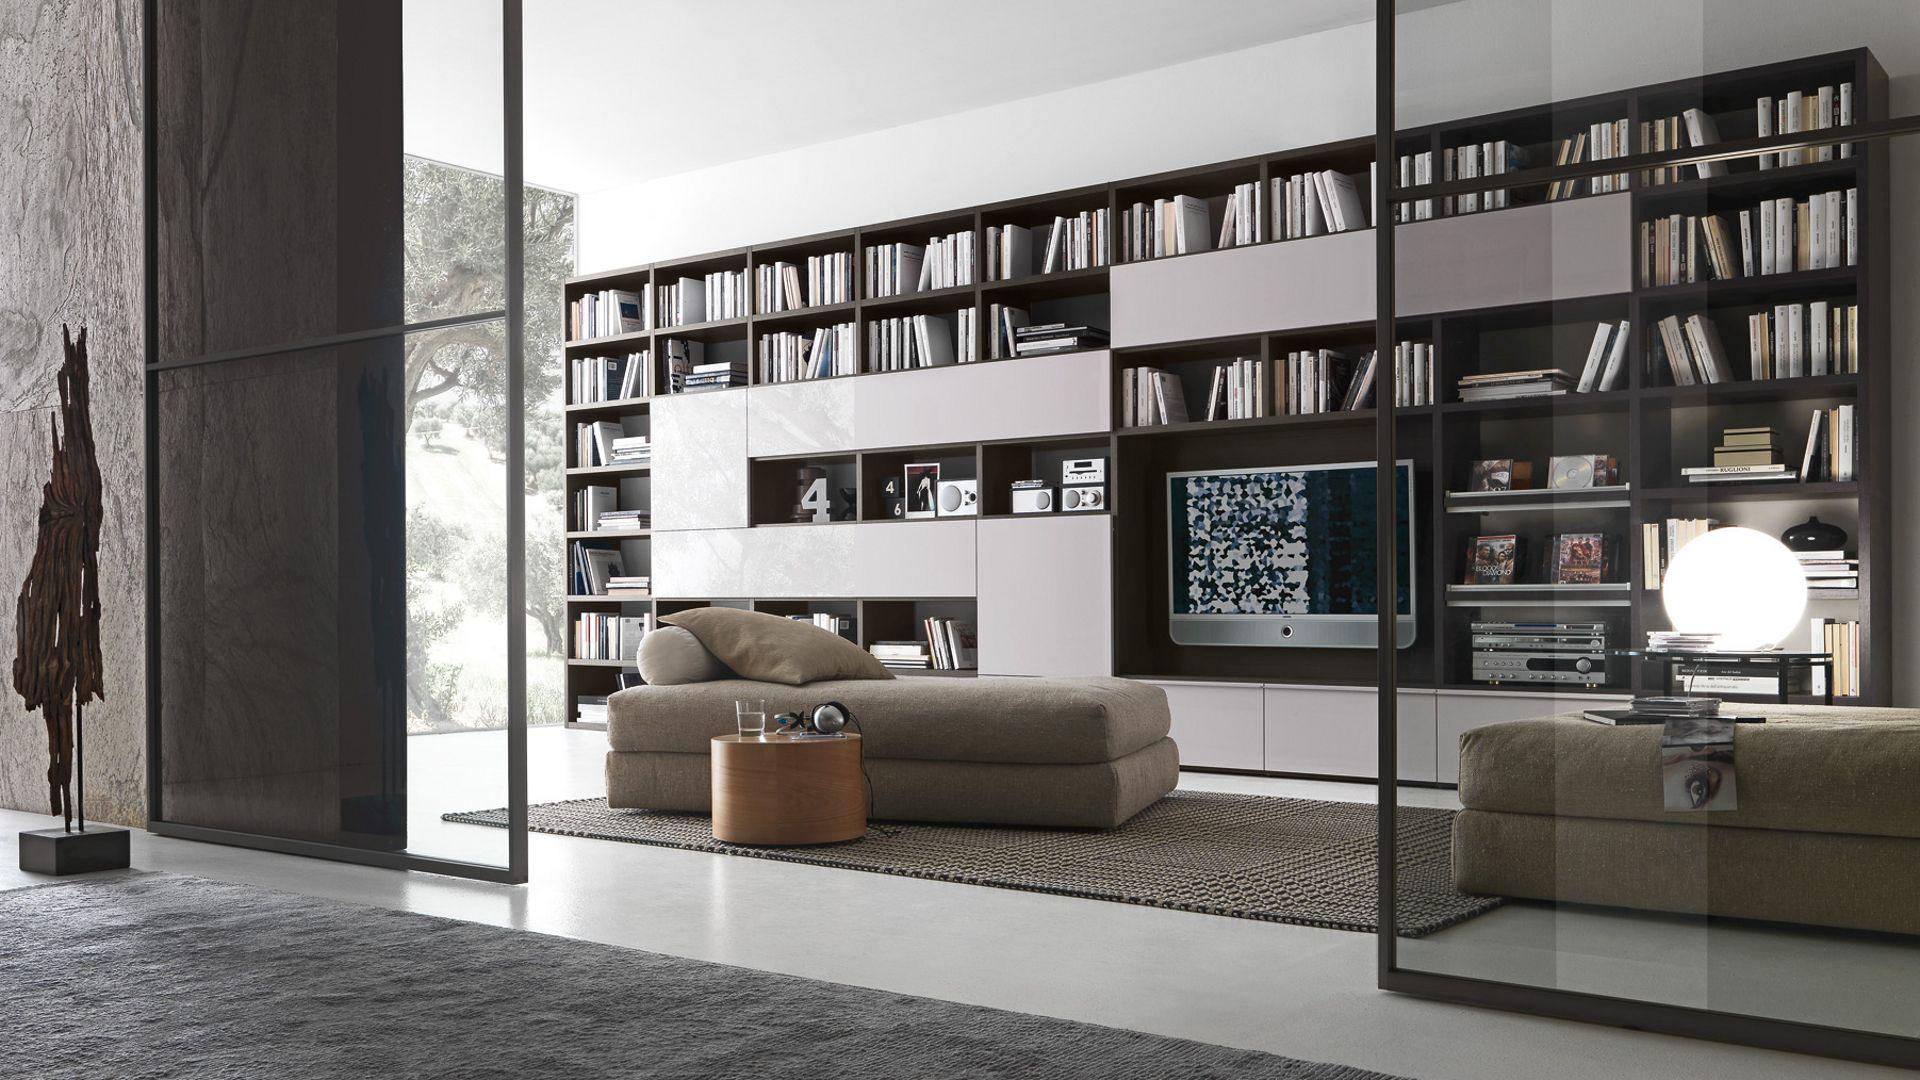 Modern Modular Bookcase Wall Unit Presotto Italia For The Home  # Grande Bibliotheque Avec Porte Coulissante